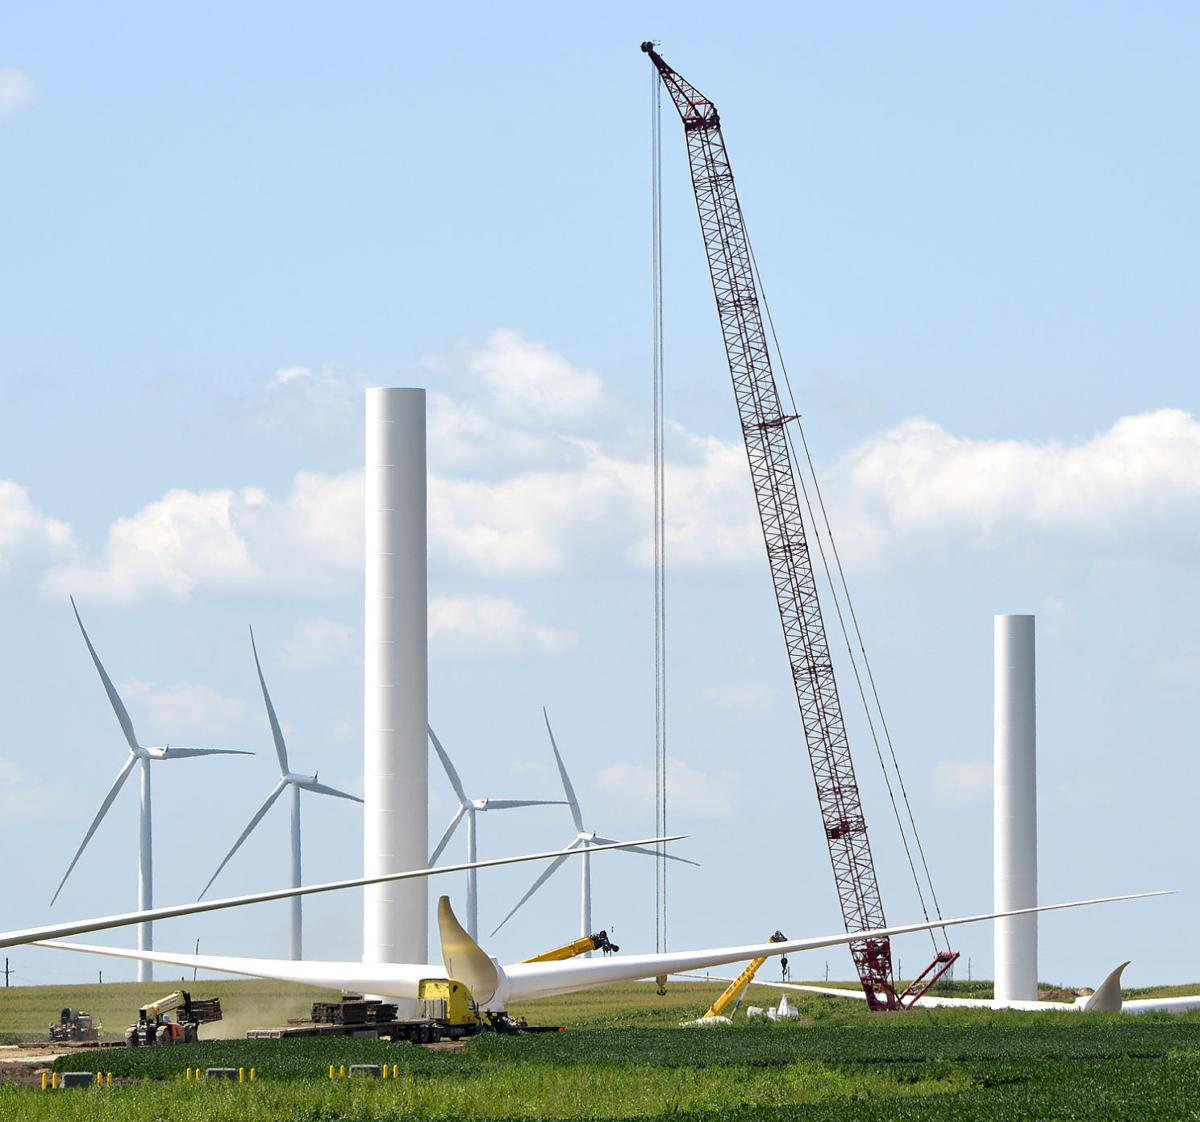 Primghar wind farm